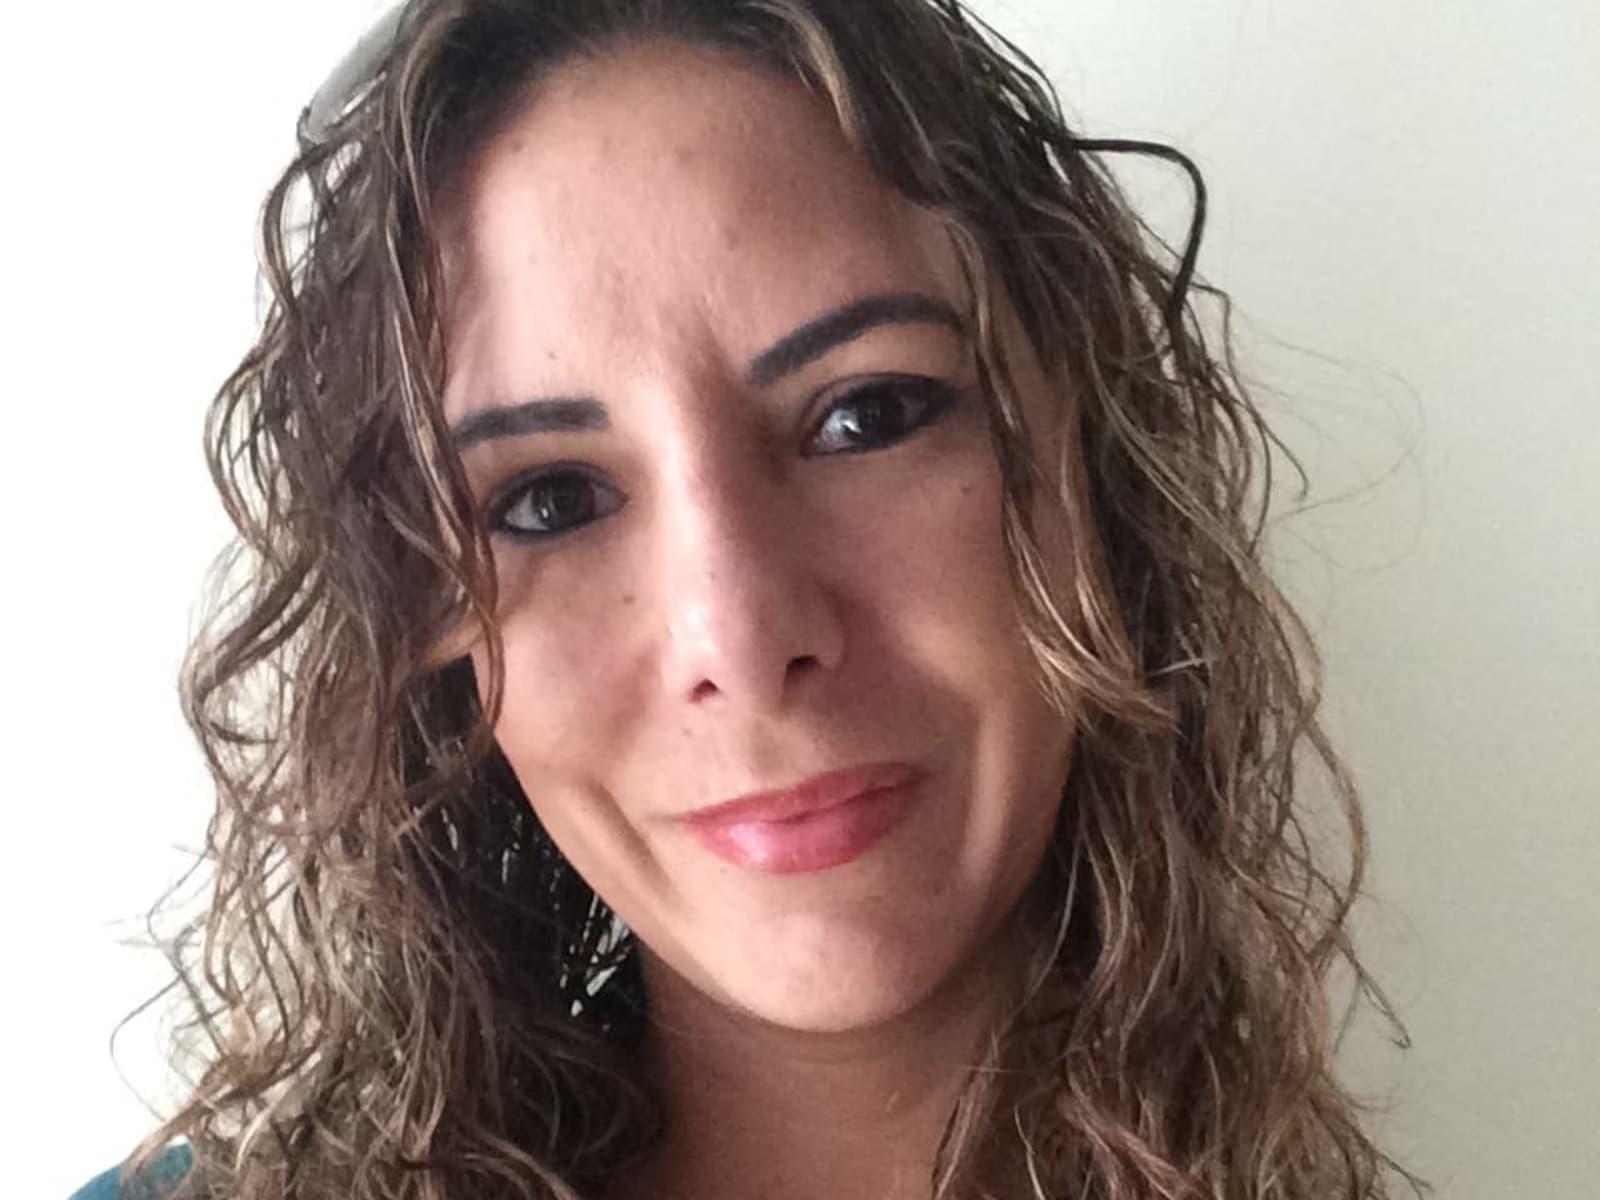 Ana from Goiânia, Brazil